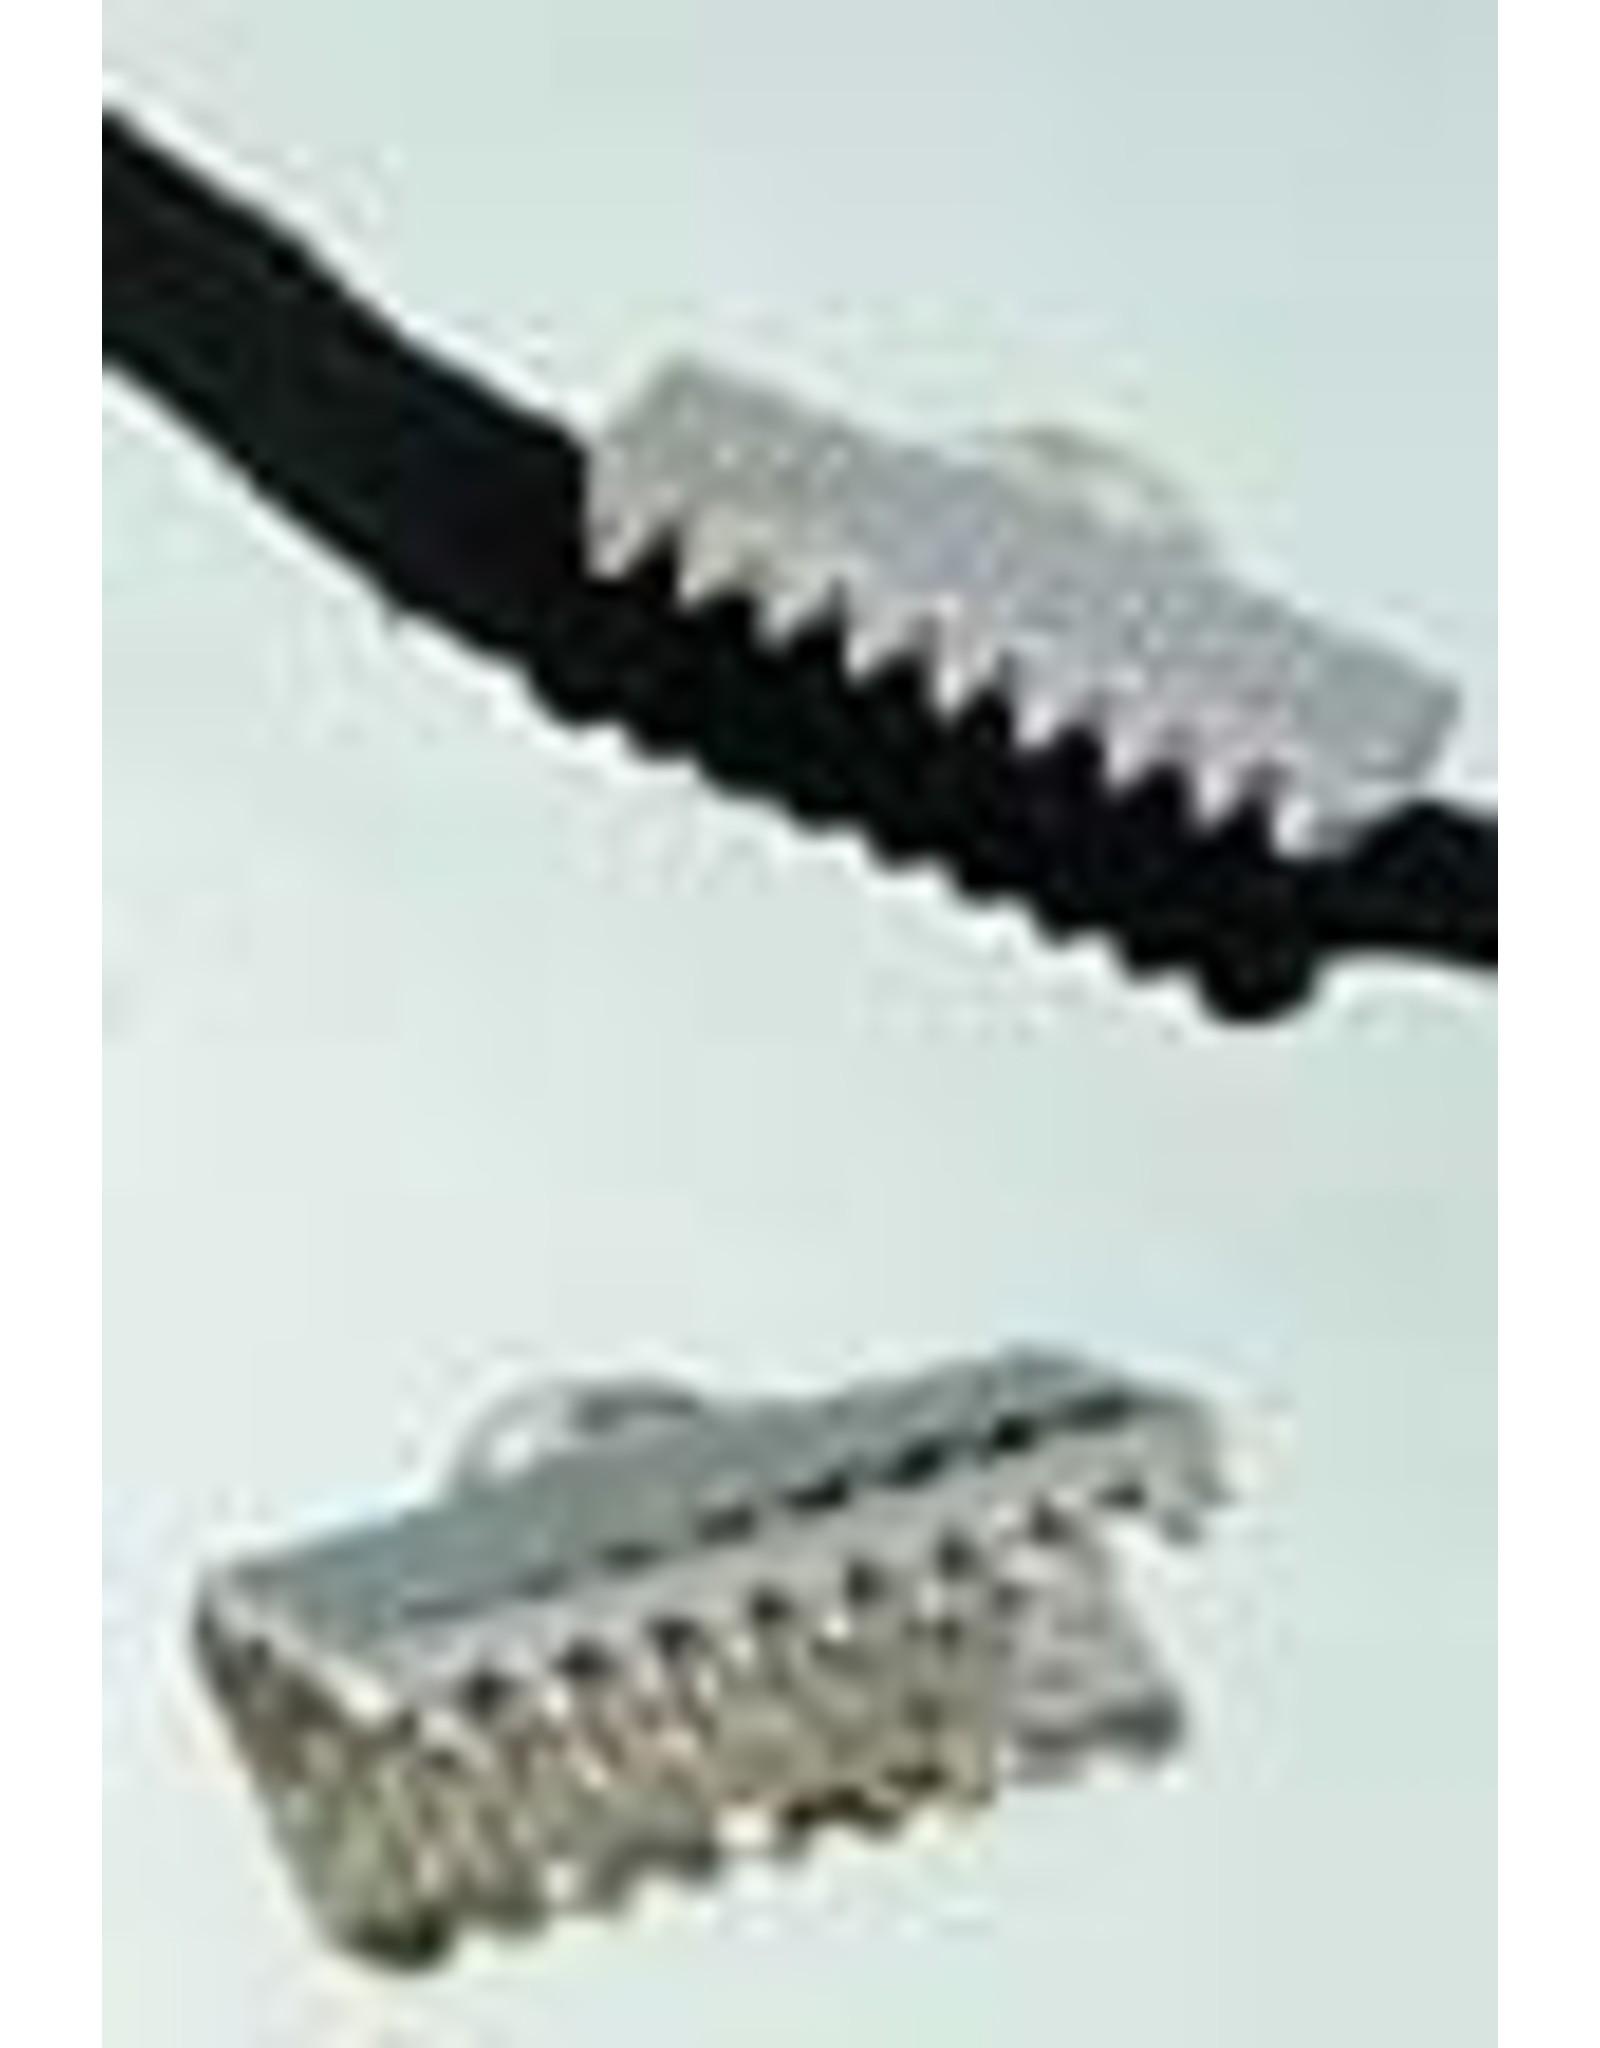 Metalen veter/leerklemmetje 10x7mm